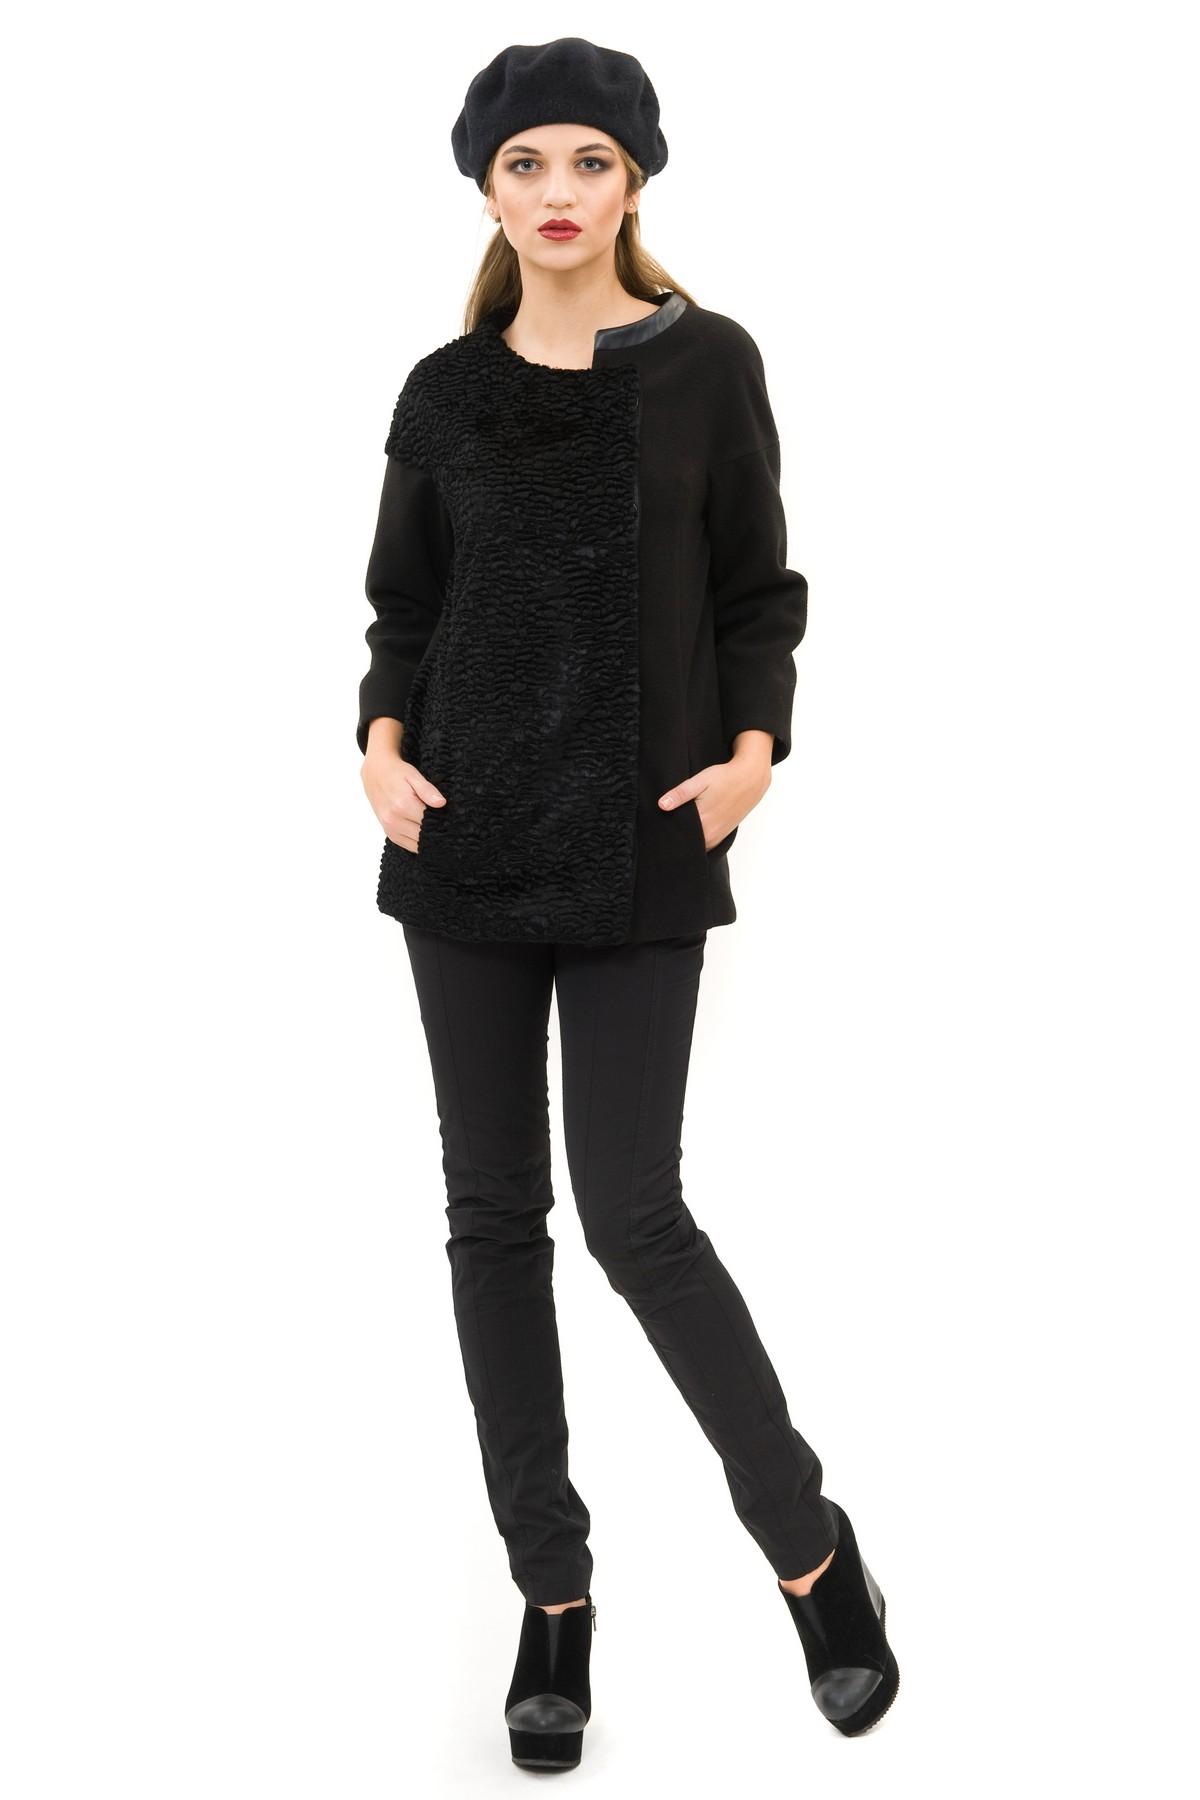 КурткаЖенские куртки, плащи, пальто<br>Потрясающая куртка подчеркнет Ваш элегантный и женственный образ. Выполнено  из сукна и дополнено отделкой из искусственного каракуля и кож.зама. Благодаря своему необычному дизайну изделие займет достойное место в Вашем гардеробе.<br><br>Цвет: черный<br>Состав: ткань1 - 60% ацетат, 21% полиэстер, 19% хлопок, ткань2 - 90% полиэстер,8% вискоза, 2% лайкра, подкладка -54%полиэстер, 46% вискоза<br>Размер: 52,54,56,58,60<br>Страна дизайна: Россия<br>Страна производства: Россия